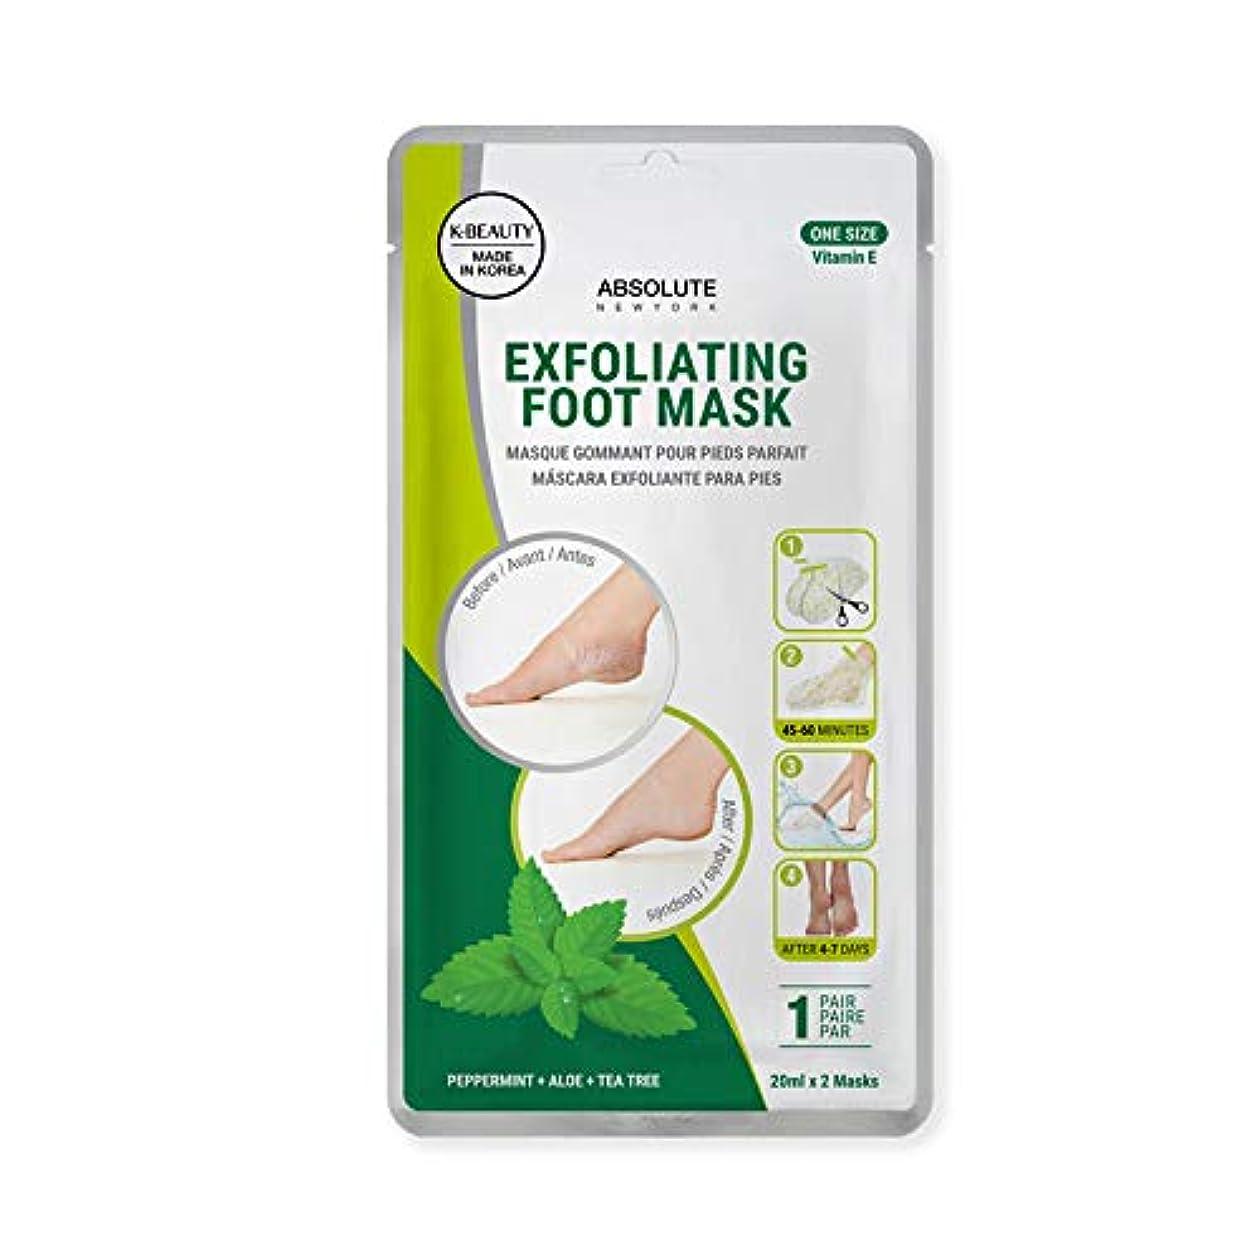 出席する玉見捨てる(6 Pack) ABSOLUTE Exfoliating Foot Mask - Peppermint + Aloe + Tea Tree (並行輸入品)